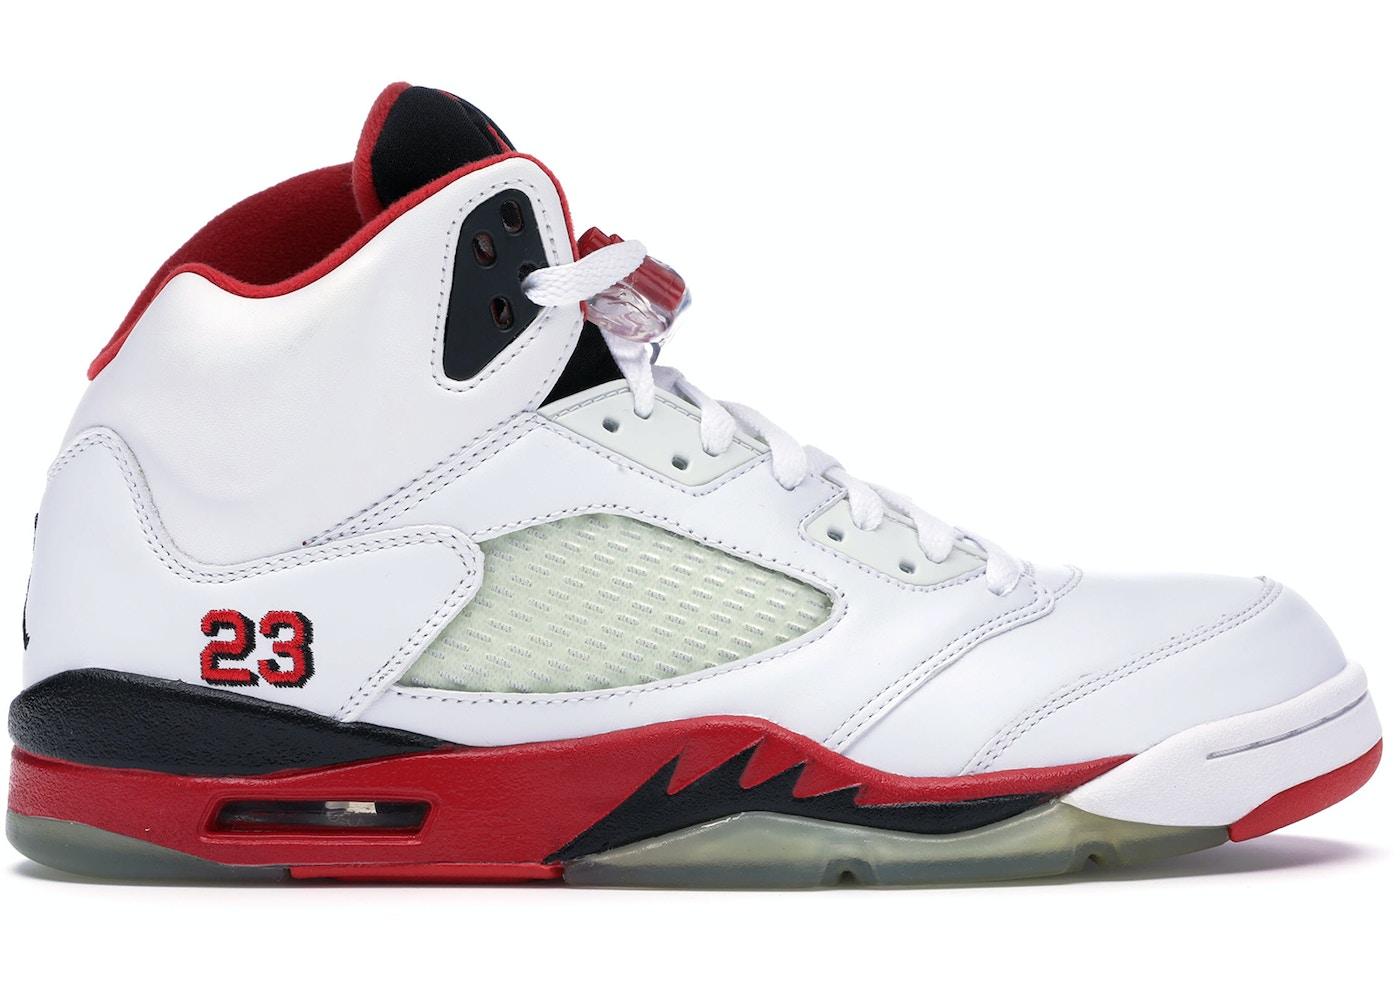 af11cfca5063 Buy Air Jordan 5 Size 15 Shoes   Deadstock Sneakers